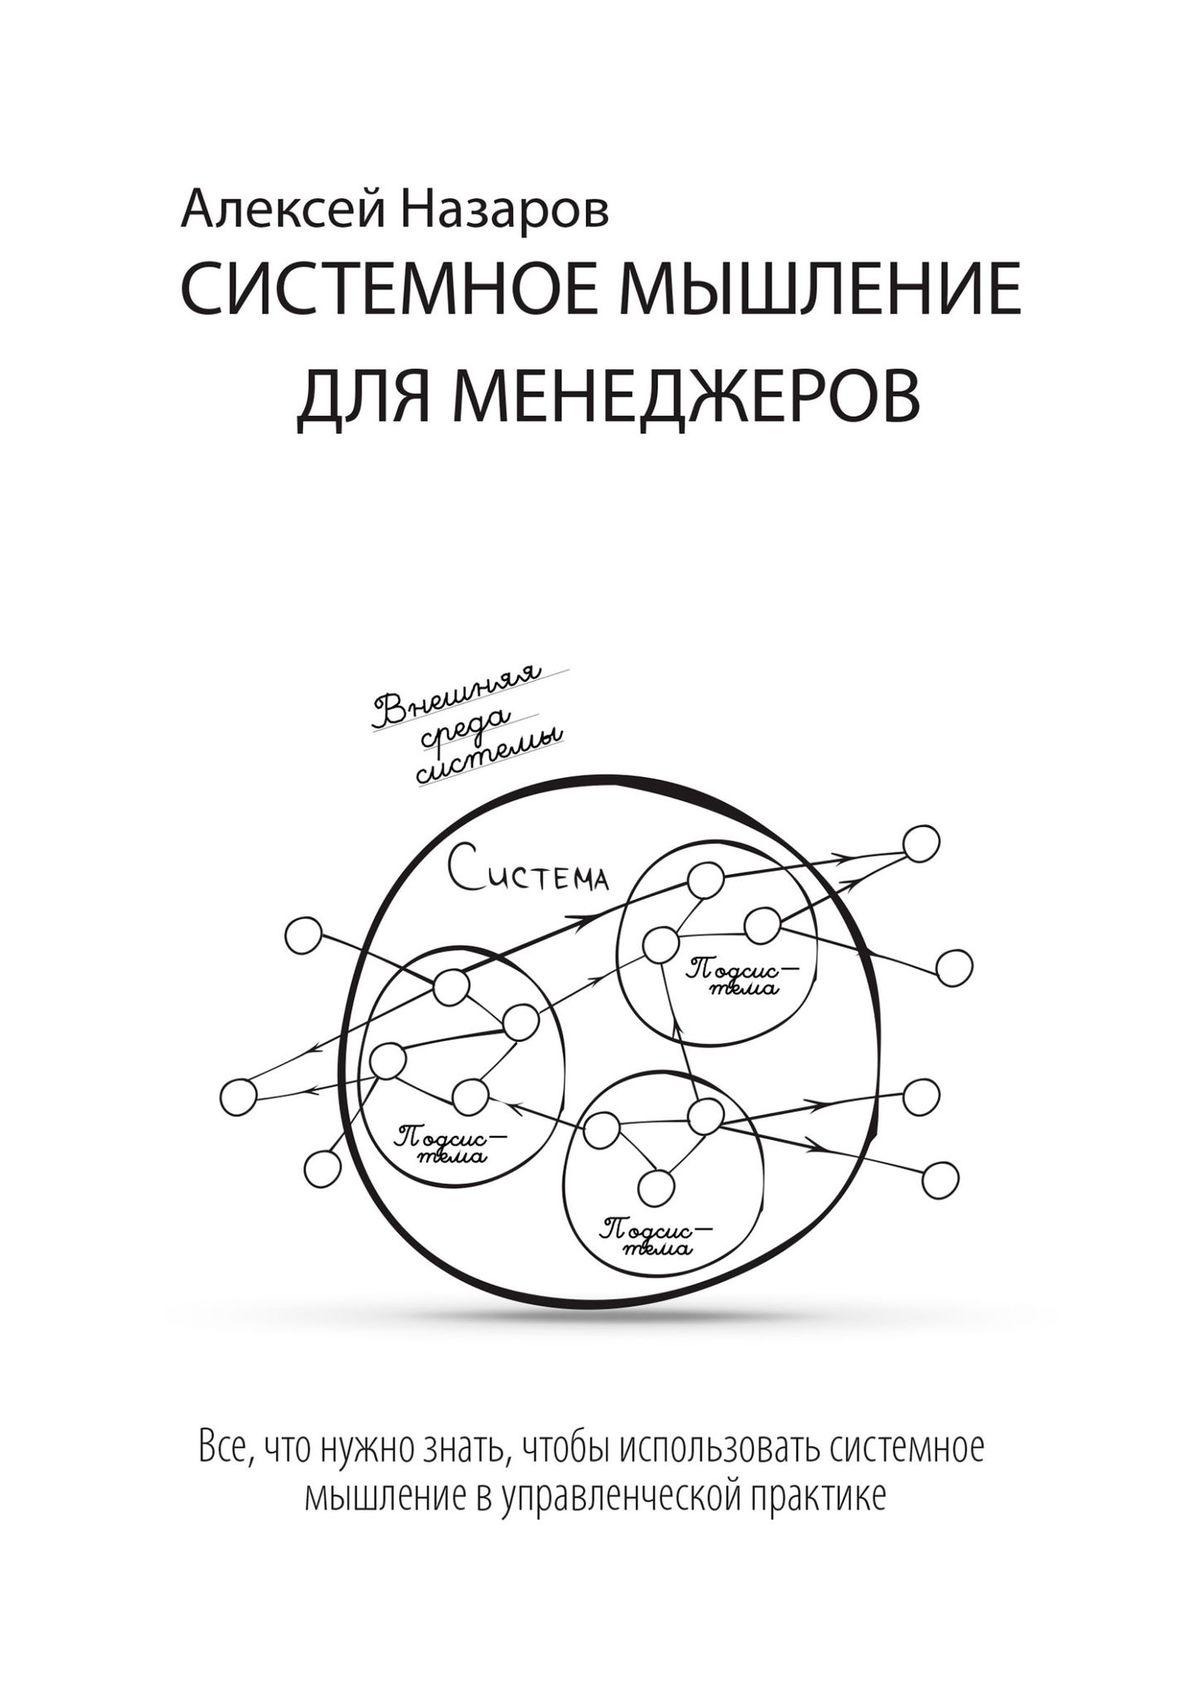 Системное мышление для менеджеров